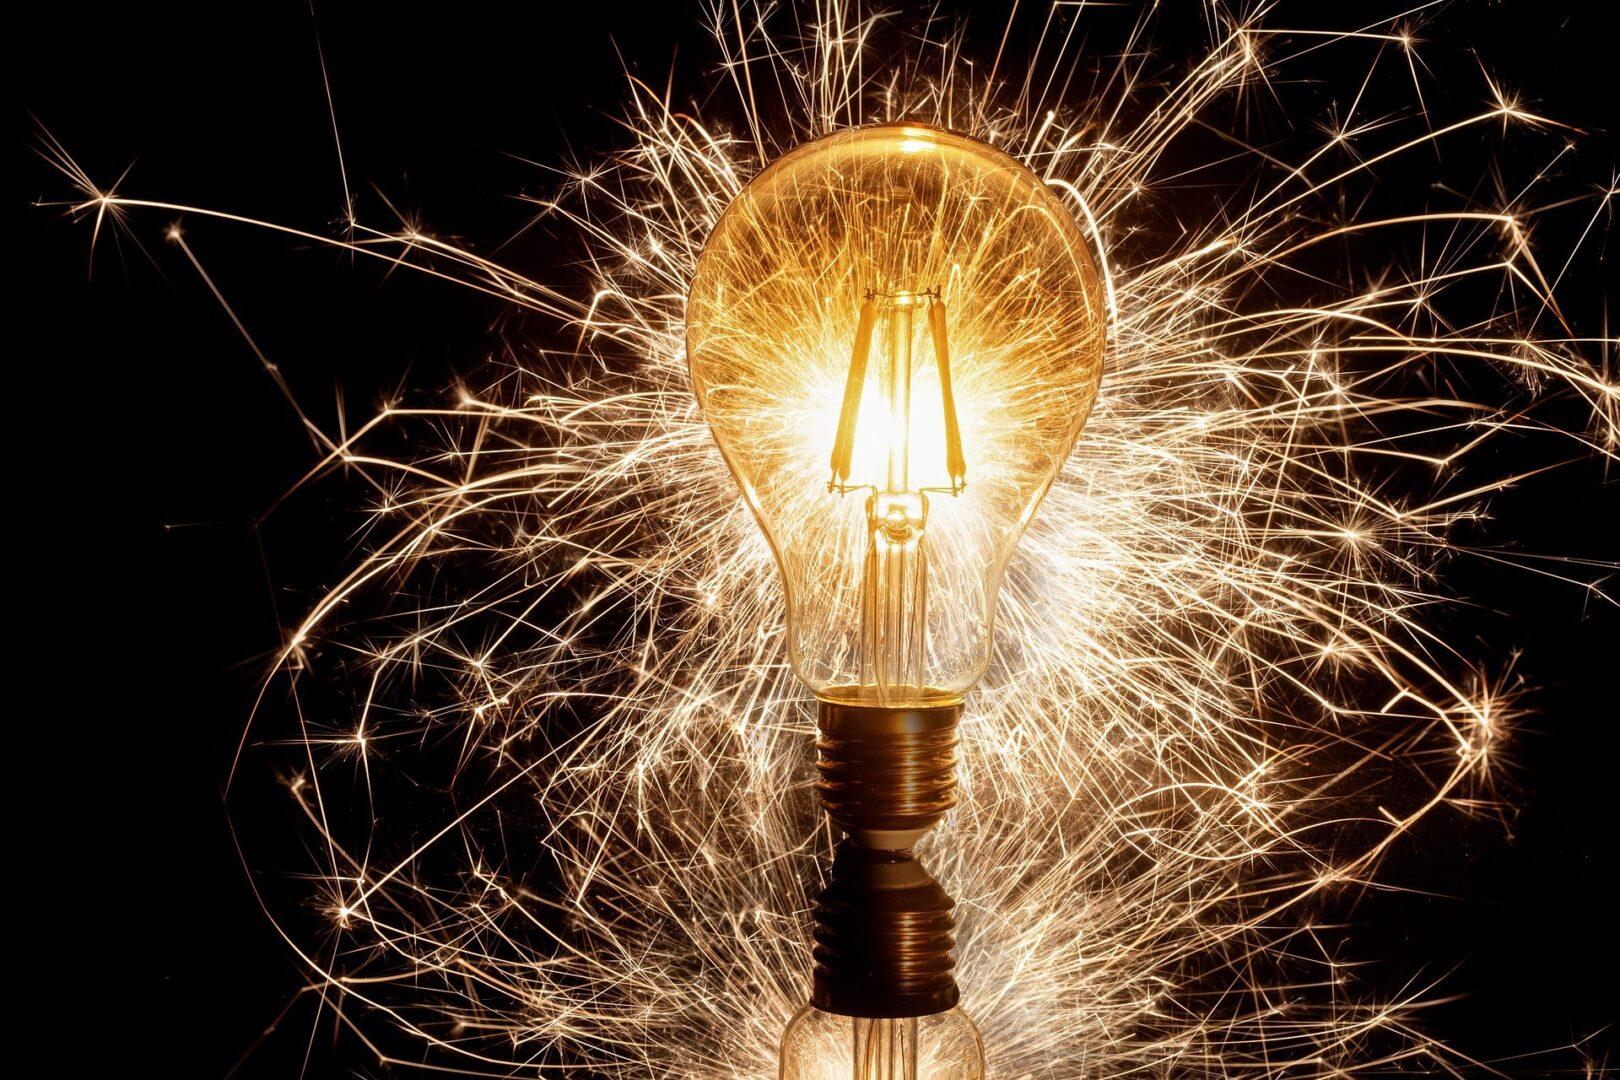 Ko otrok odkrije povezave in razume snov, se lučke v glavi kar prižigajo.